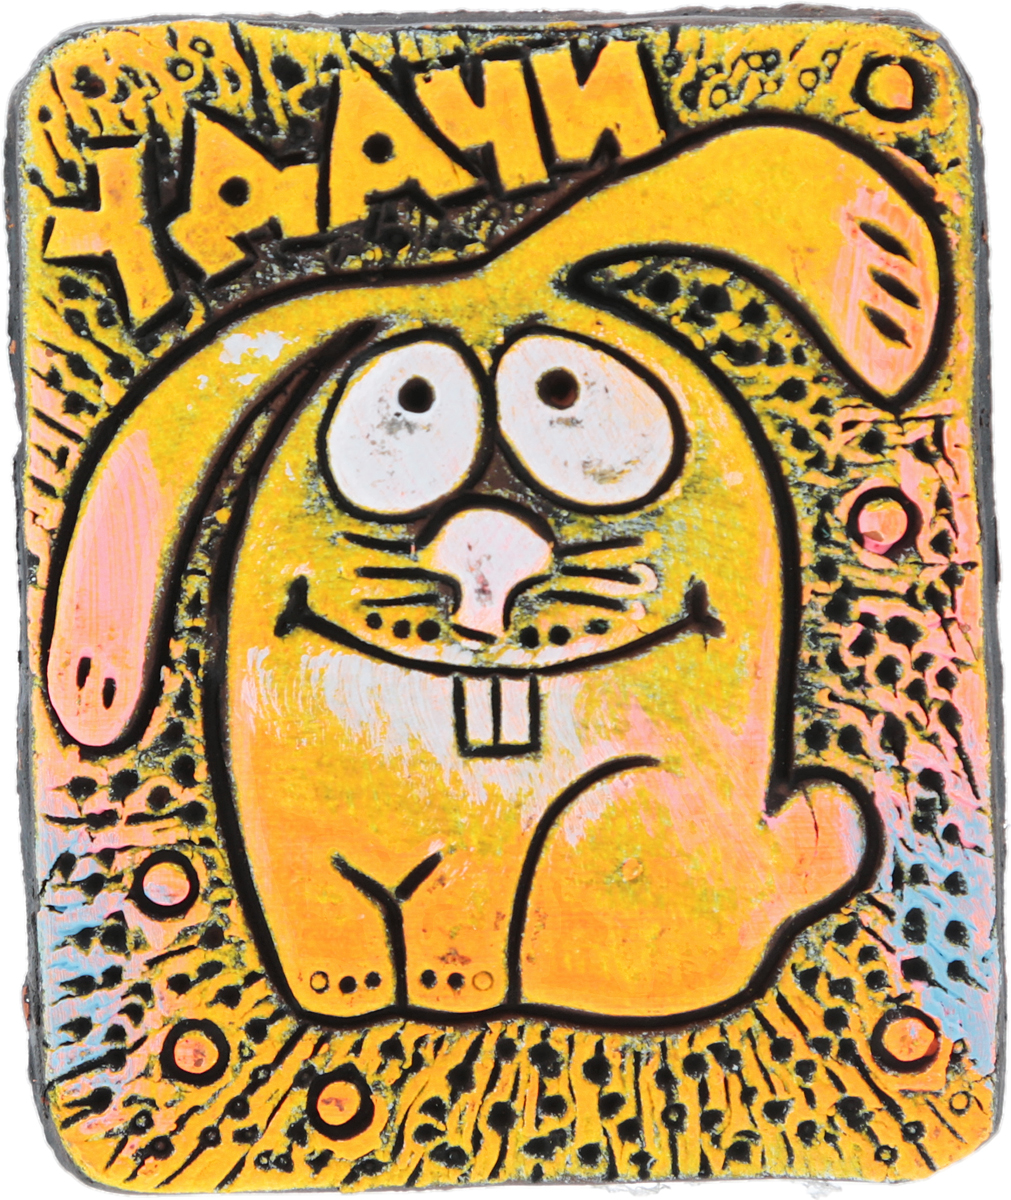 Магнит Заяц, авторская работа. Шамотная глина, глазурная и ангобная роспись, ручная работа. РоссияML-4735 Ключница белая с ящикомМагнит Заяц для украшения интерьера. Автор - Стукалов Юрий. Шамотная глина, глазурная и ангобная роспись, ручная работа.Россия.Размер: 7,5 х 6,5 см.Каждое изделие уникально и может незначительно отличаться от того, что вы видите на фотографии. Шамотная глина – знакомый еще древним строителям материал, прошедший определенную термическую обработку (глина, обожжённая до потери пластичности).Ангобная роспись – это подглазурная роспись глиной по глине, декорирование керамического изделия при помощи натуральных красок, изготовленных на основе белой или цветных глин.Ангобные краски хороши тем, что совершенно нетоксичны и поэтому они показаны и детям, и беременным женщинам. Ангобы изготавливаются из пигментов (особых красящих веществ) и жидкой глины. Такие краски ровно ложатся на керамическую поверхность, а после обжига приобретают очень красивые, сочные и яркие цвета.